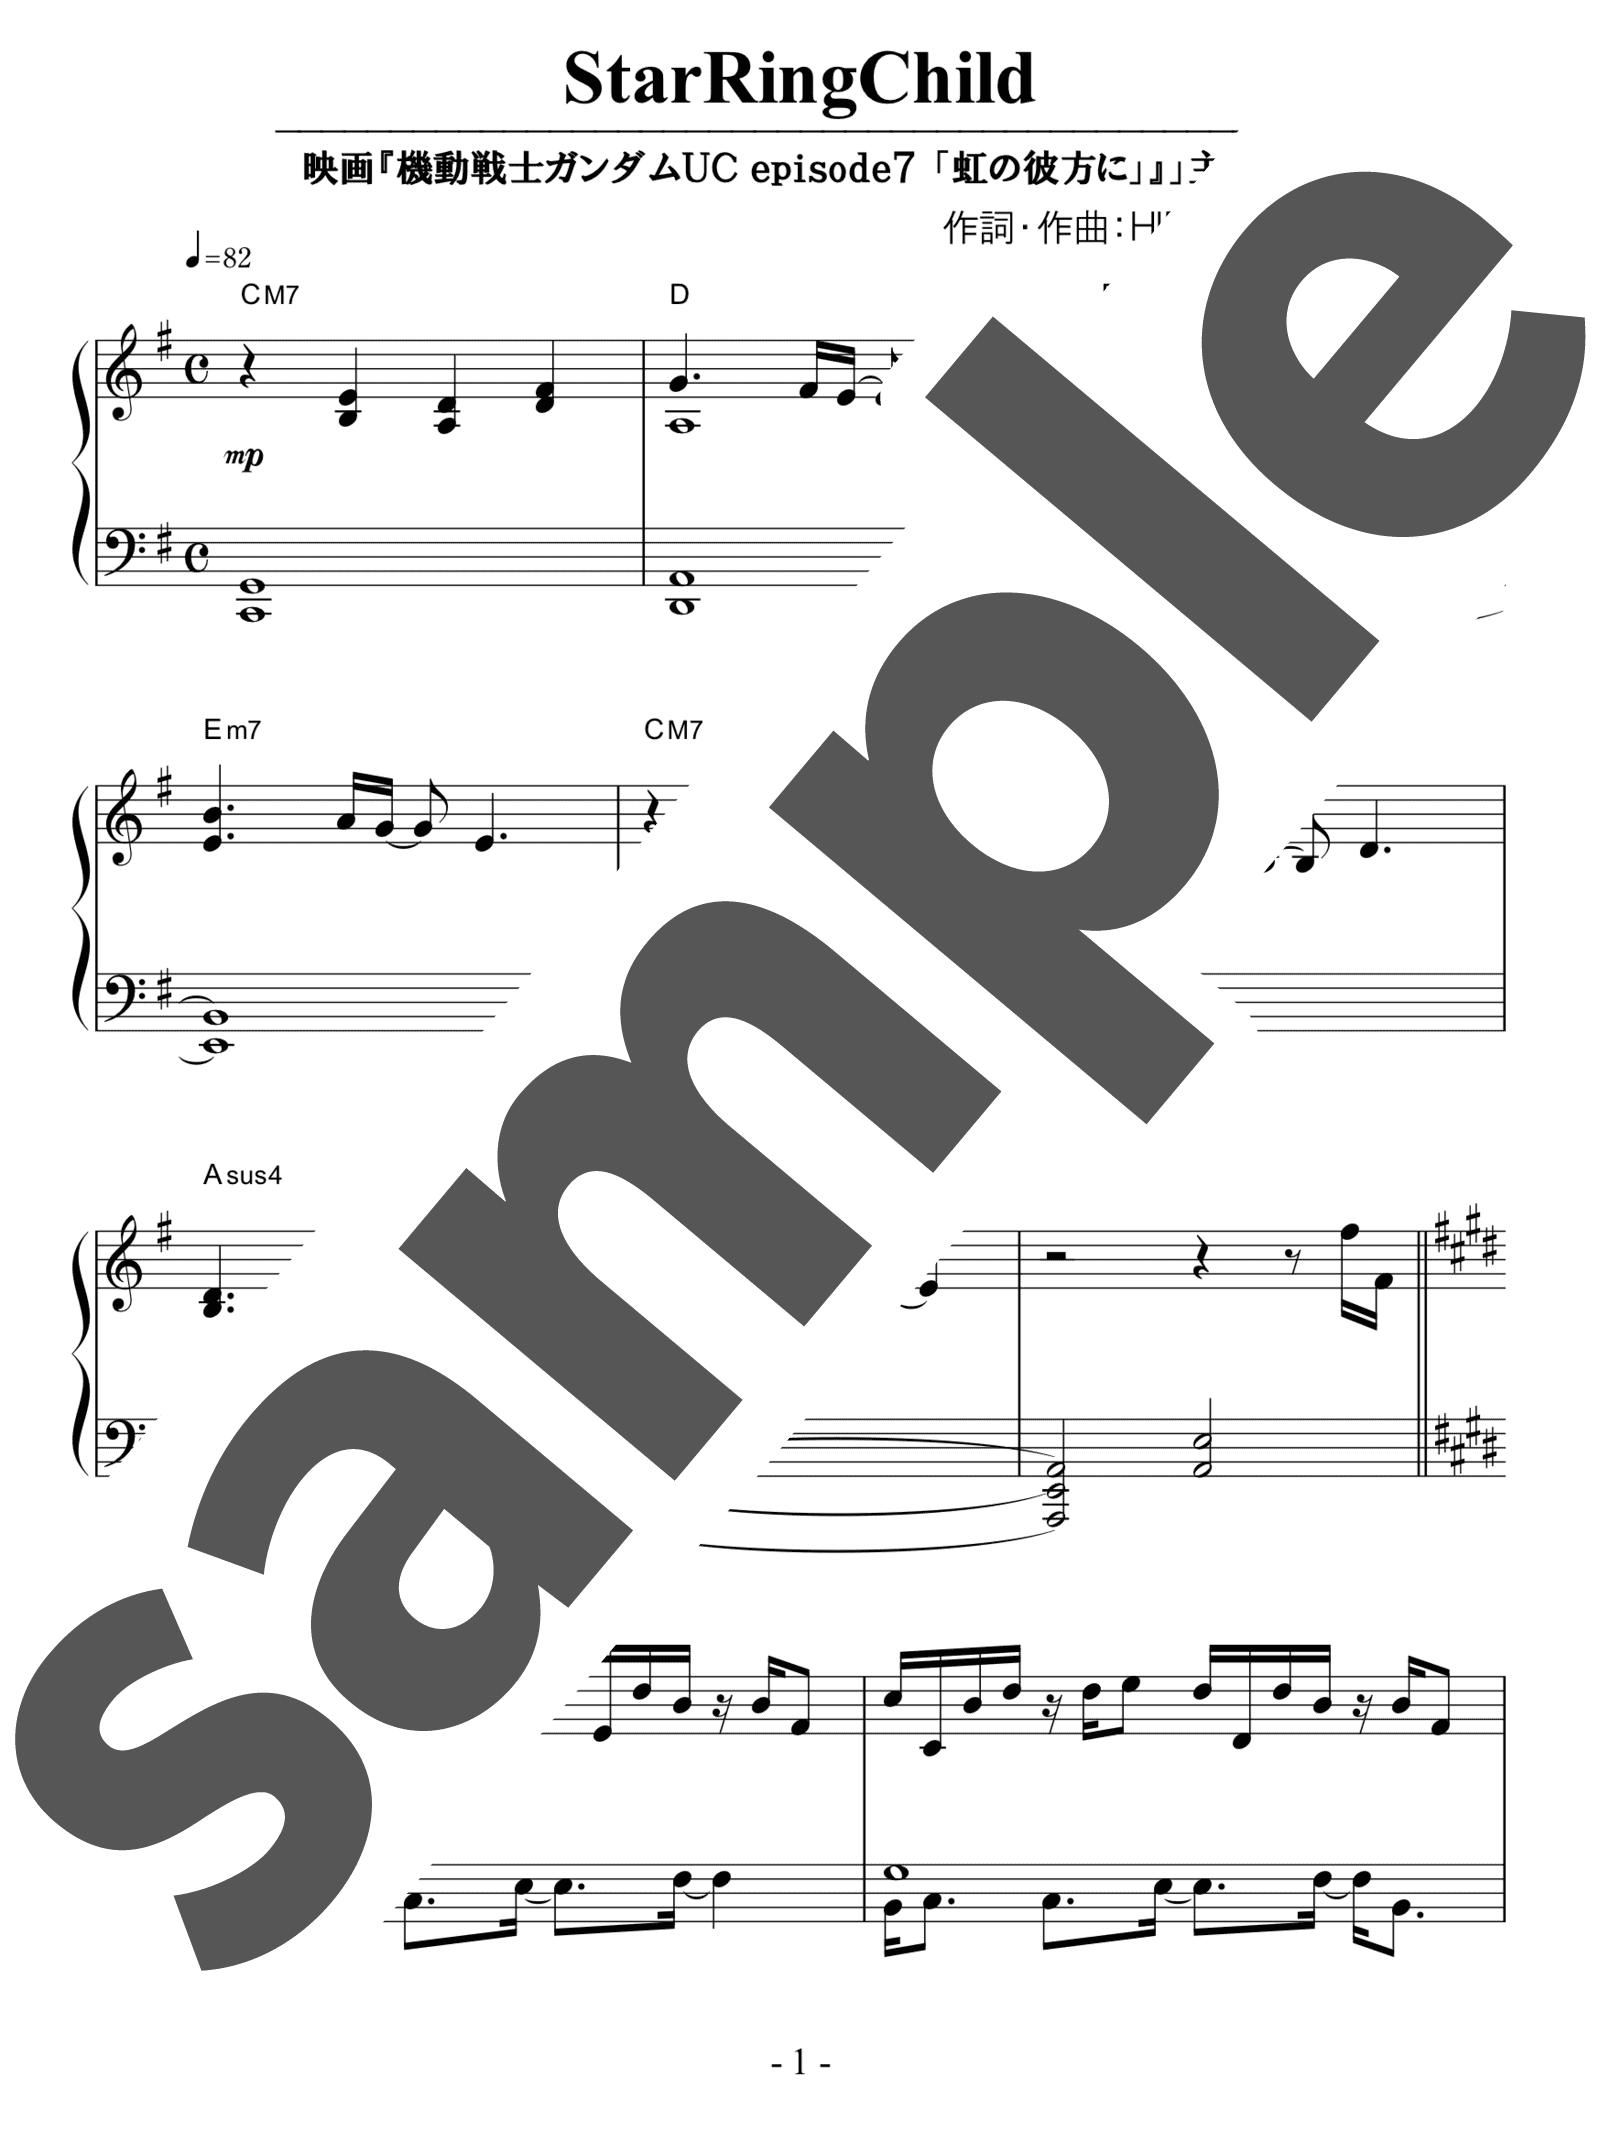 「StarRingChild」のサンプル楽譜